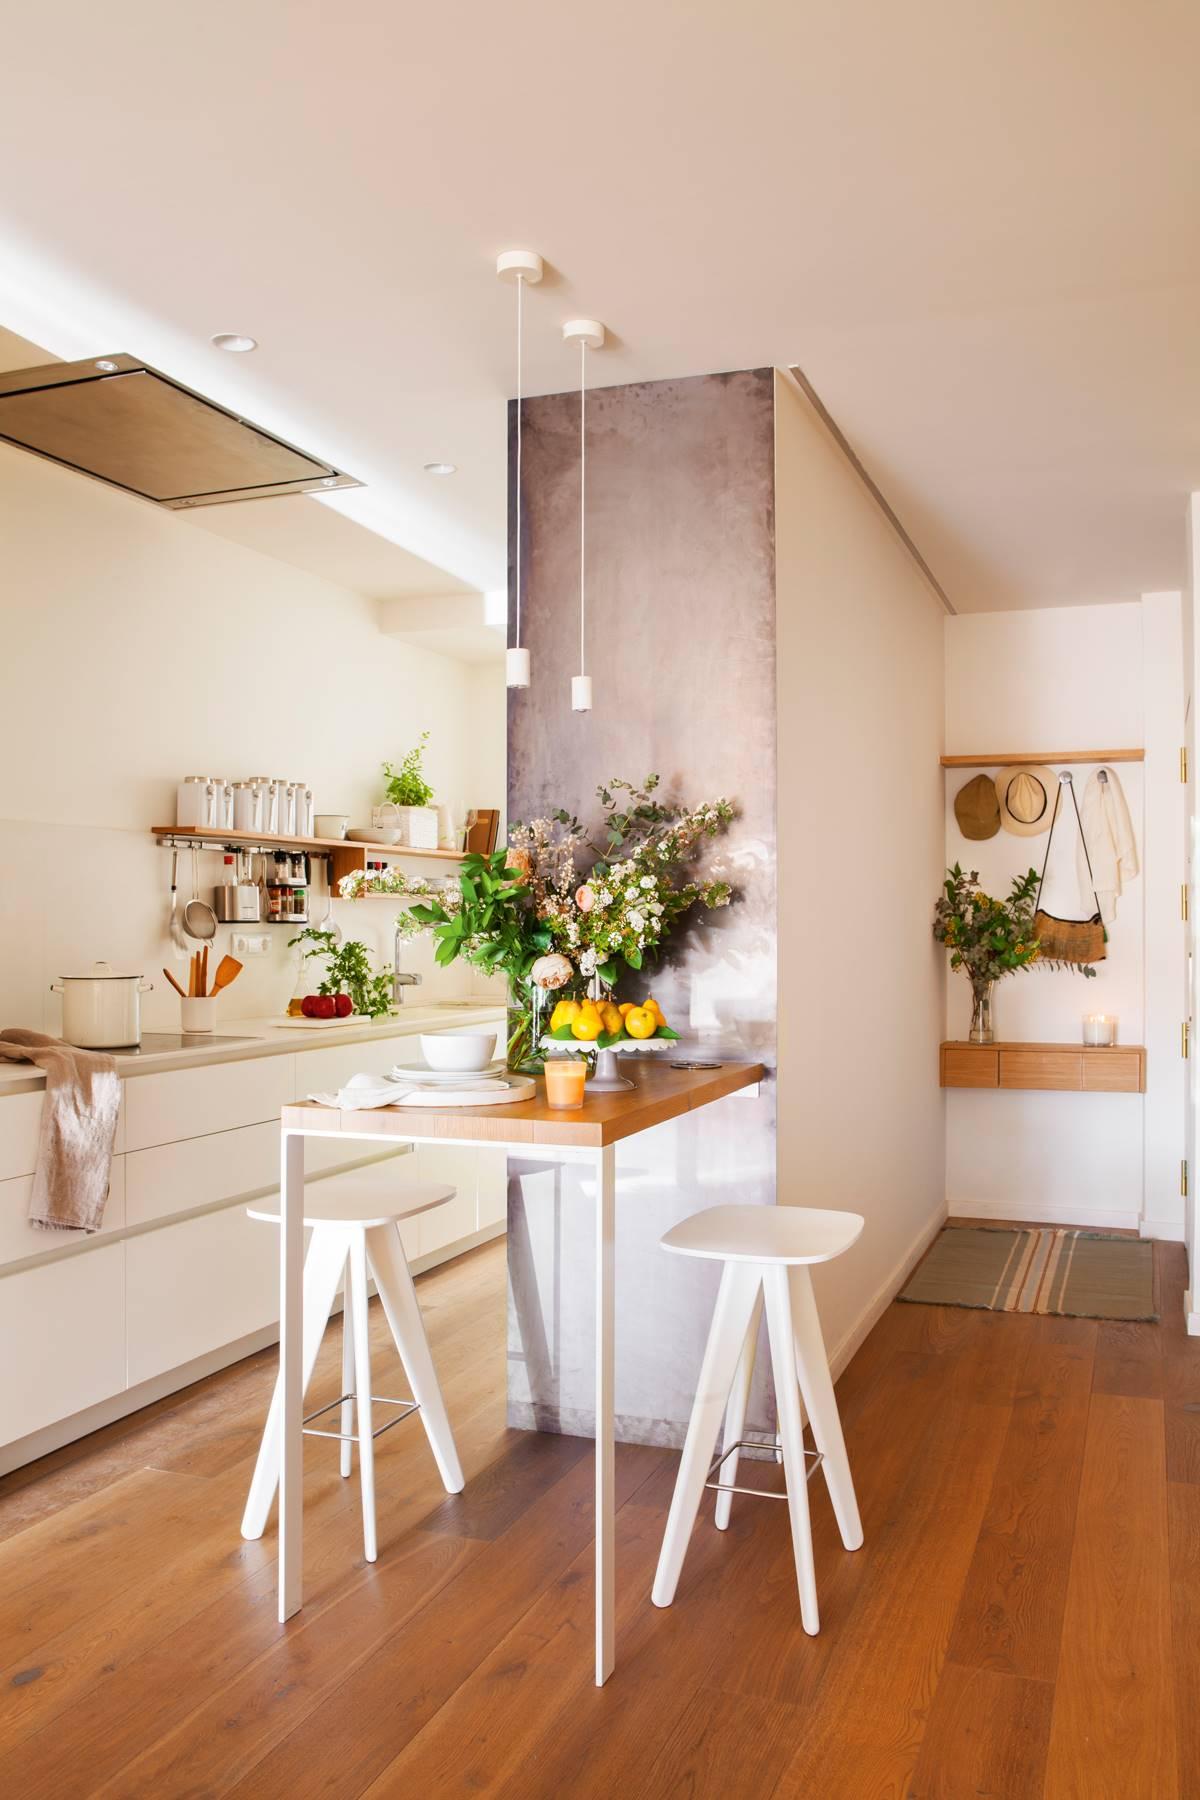 cocina-office-con-muro-que-separa-el-recibidor-00429276 . Casi invisible